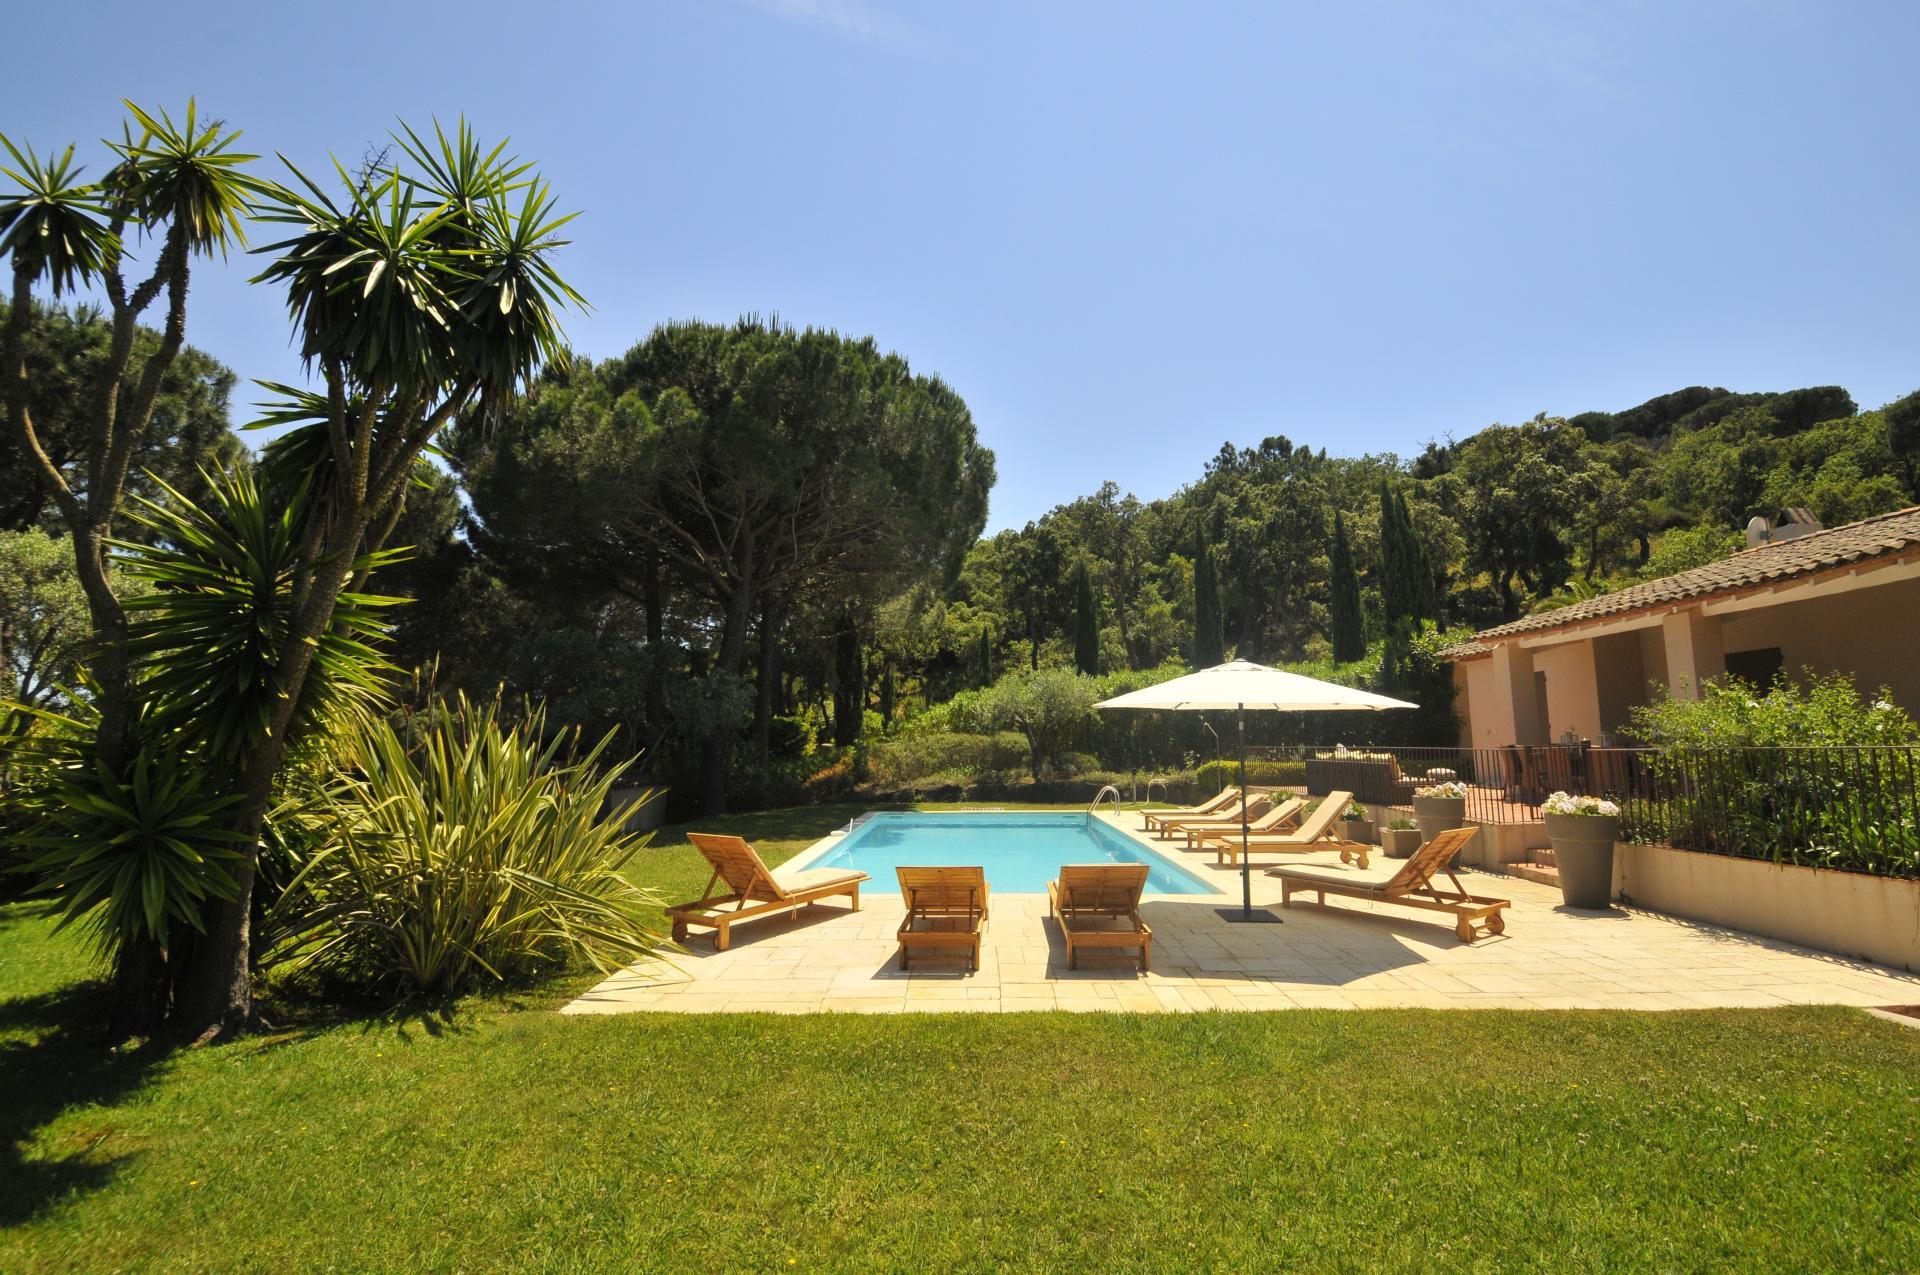 Pool and Grounds , La Maison Des Vignes, Ramatuelle, St Tropez Var.